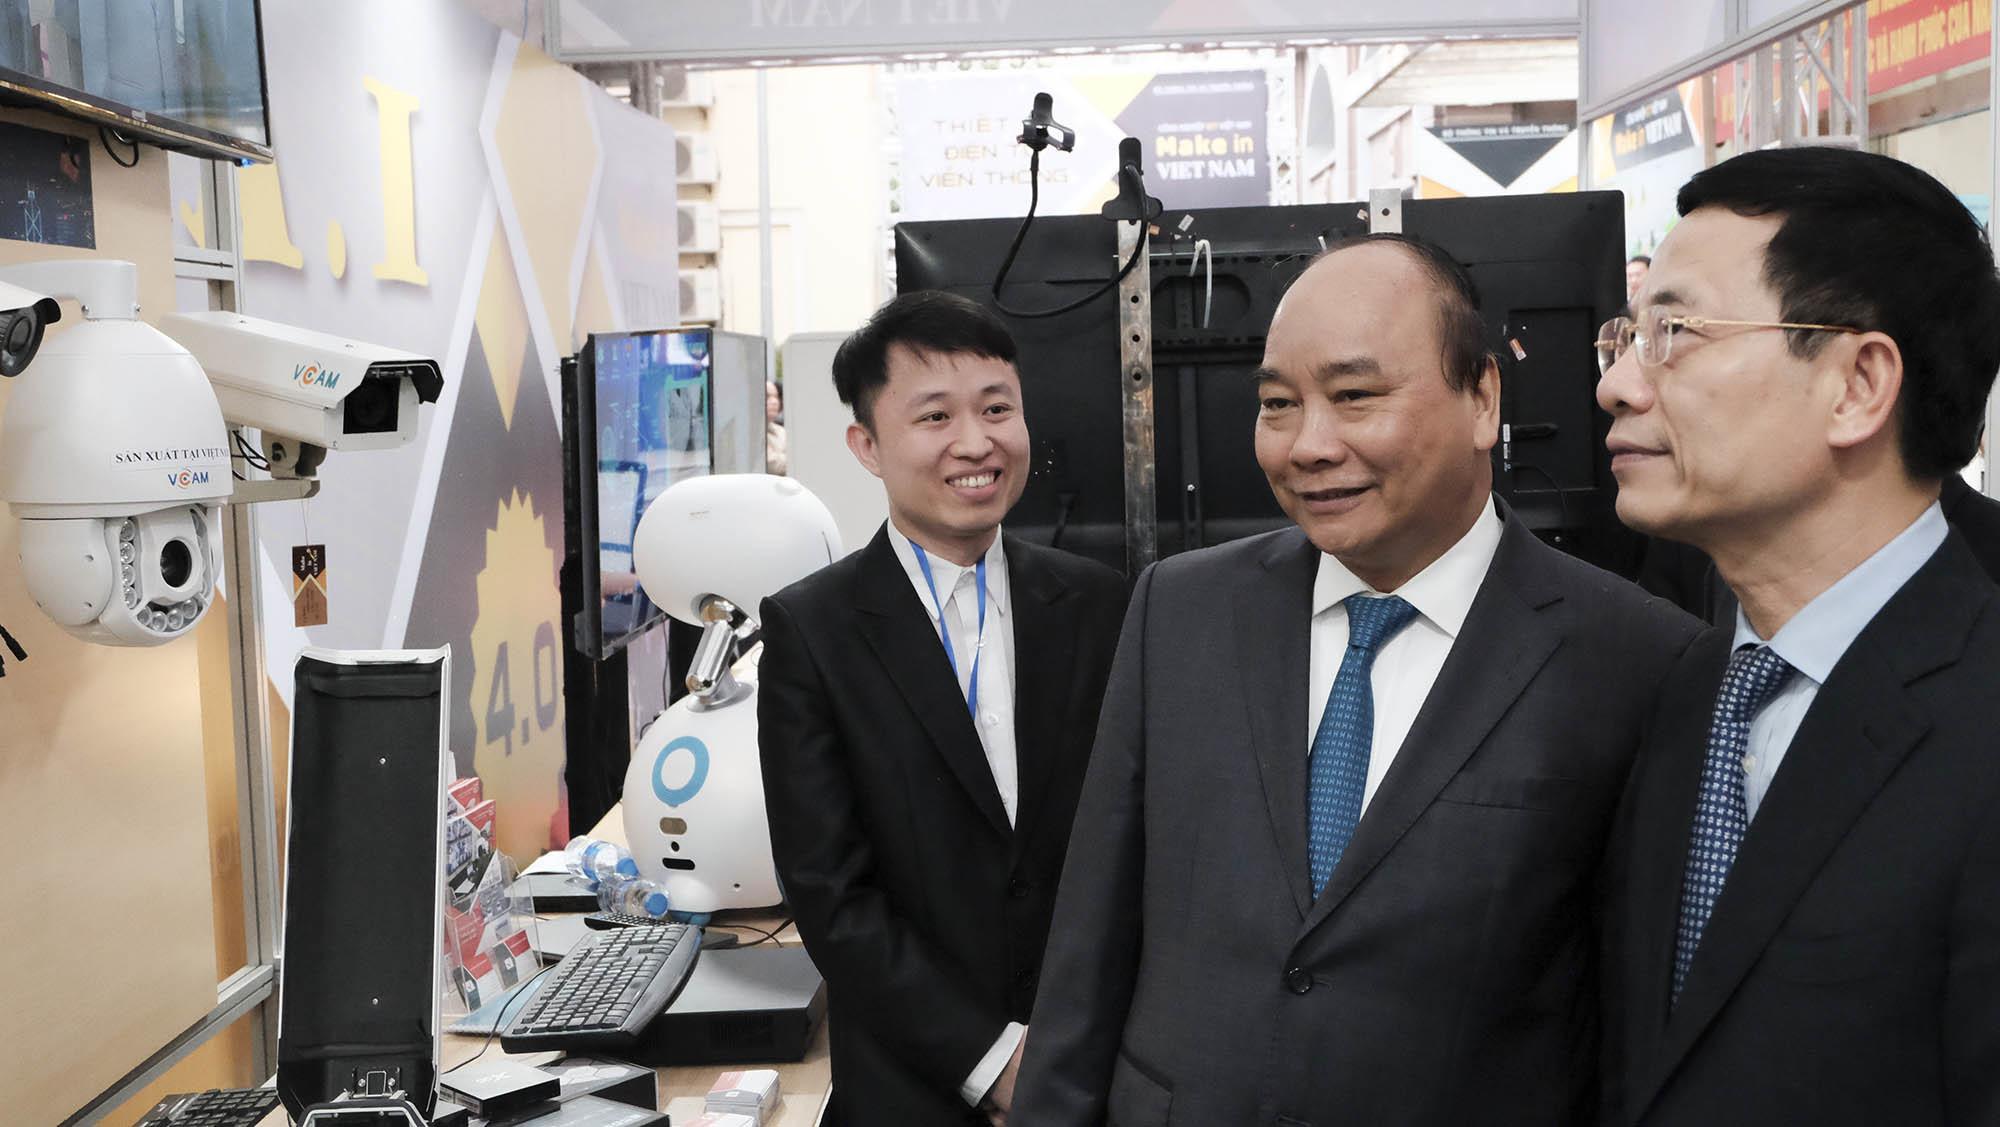 Cách mạng Công nghiệp 4.0,AI,Trí tuệ nhân tạo,Camera,IoT